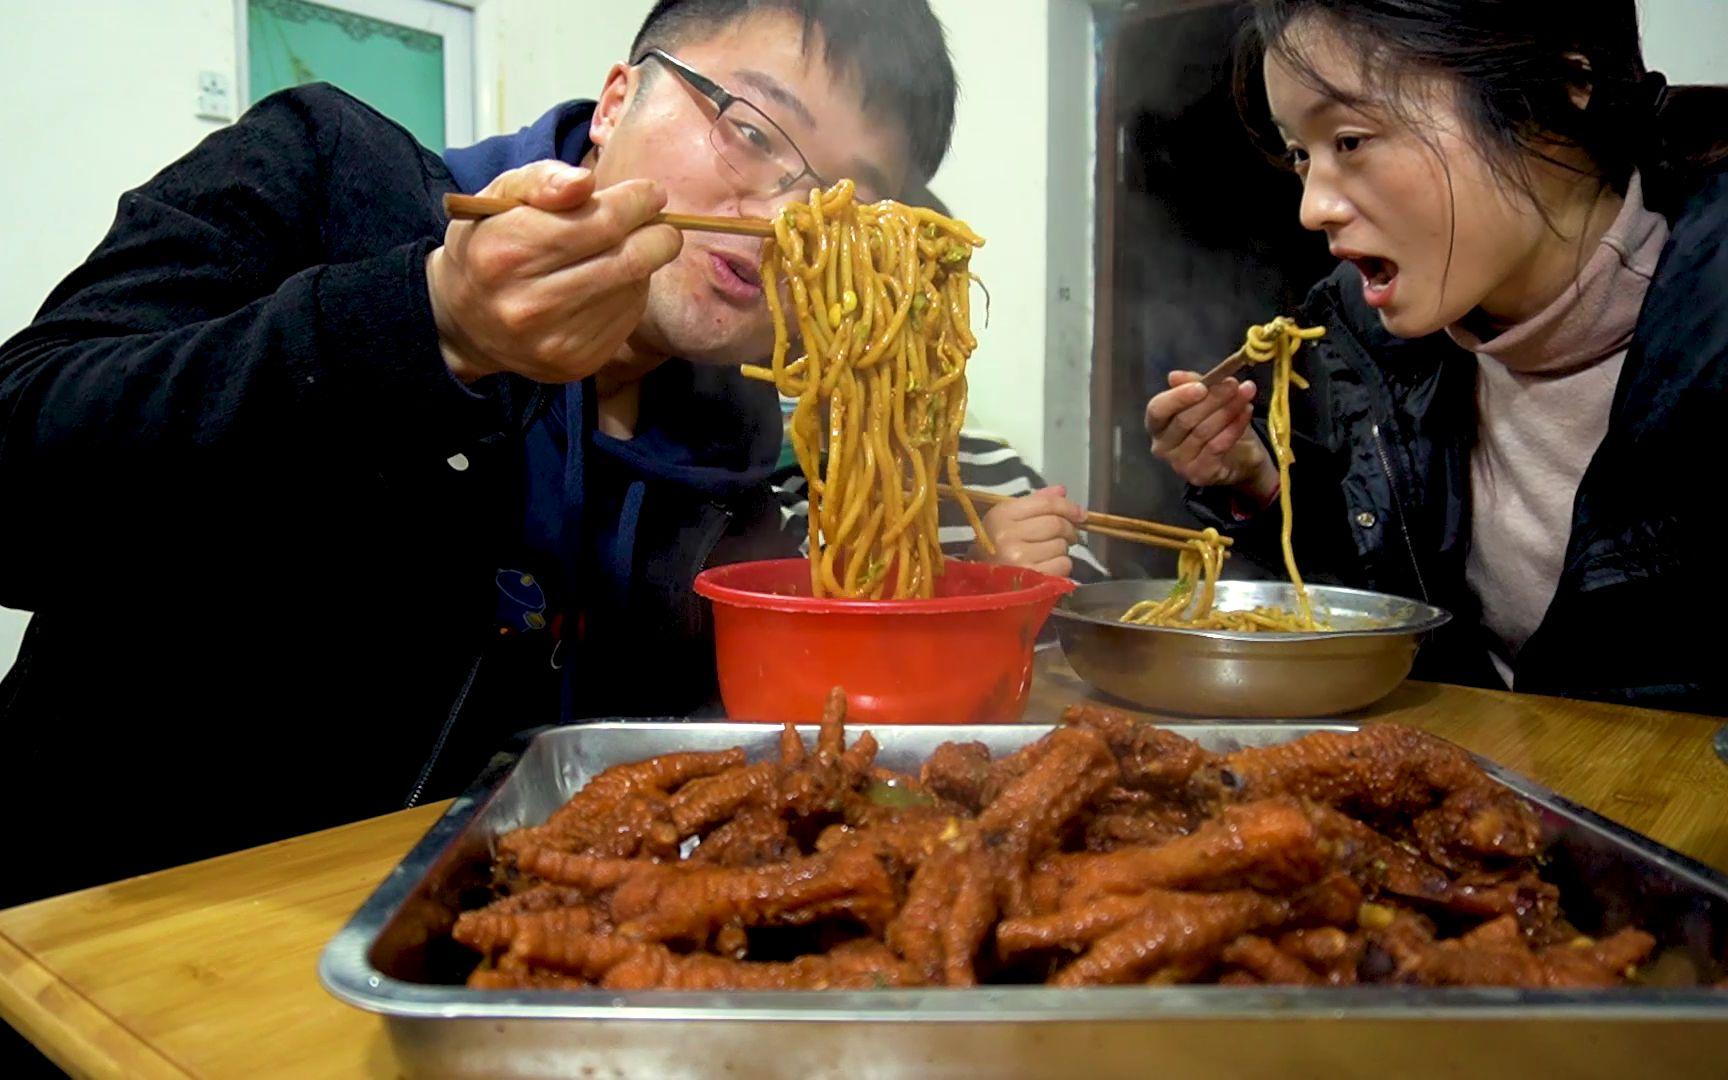 五斤虎皮鸡爪,两盆麻酱拌面,大sao陪媳妇吃饭就是快,全程无视骨头